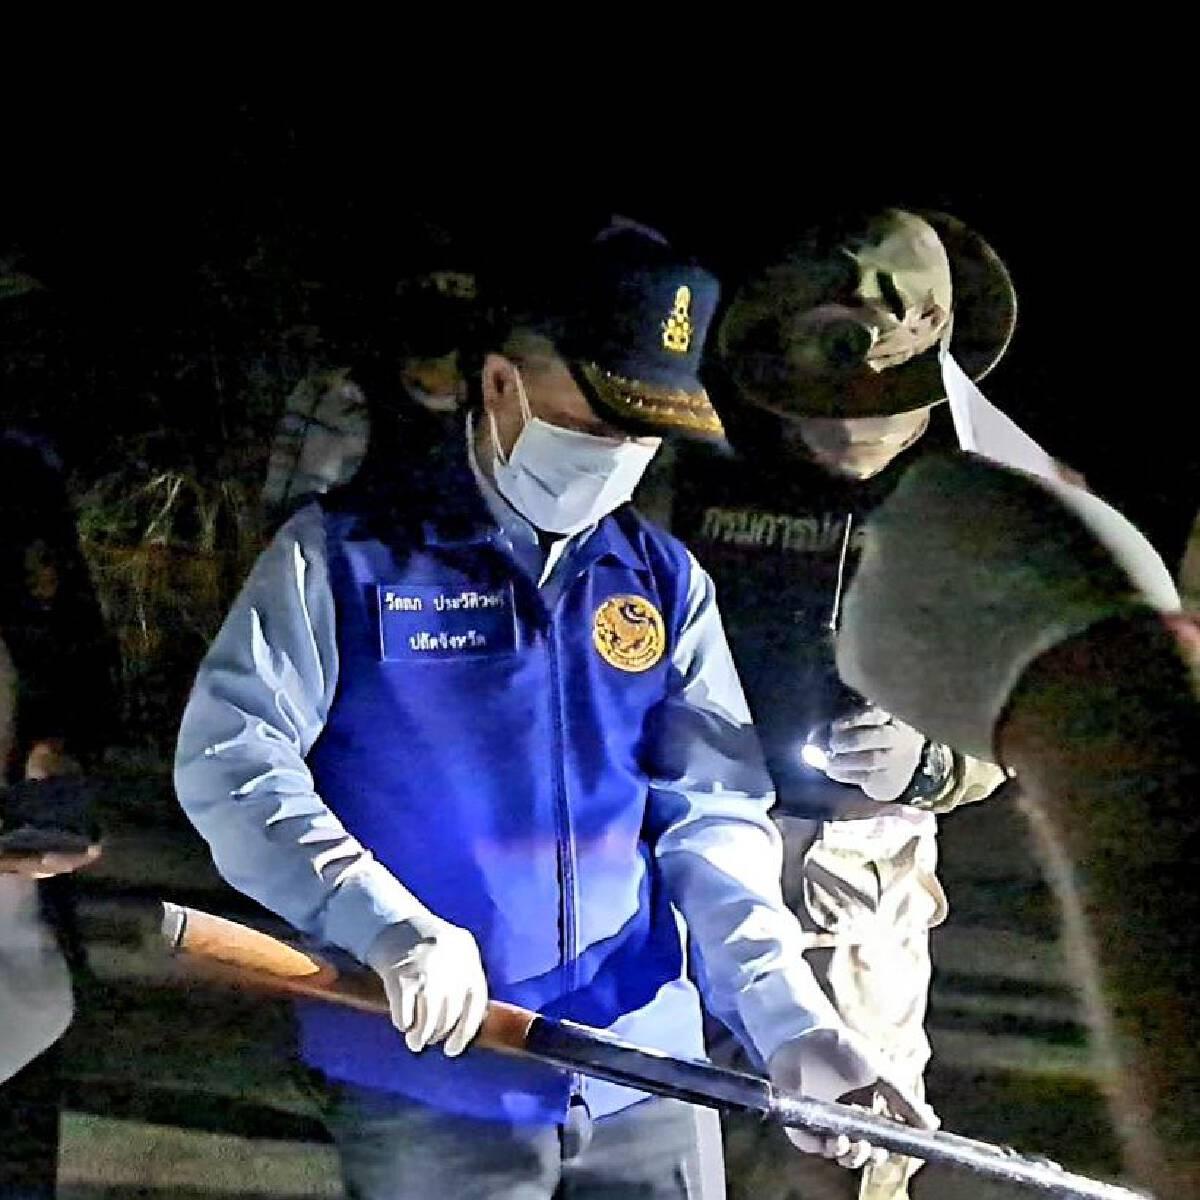 จนมุม ฝ่ายปกครองตามยึดปืน ที่ อส.ขโมยไปขาย 65 กระบอก